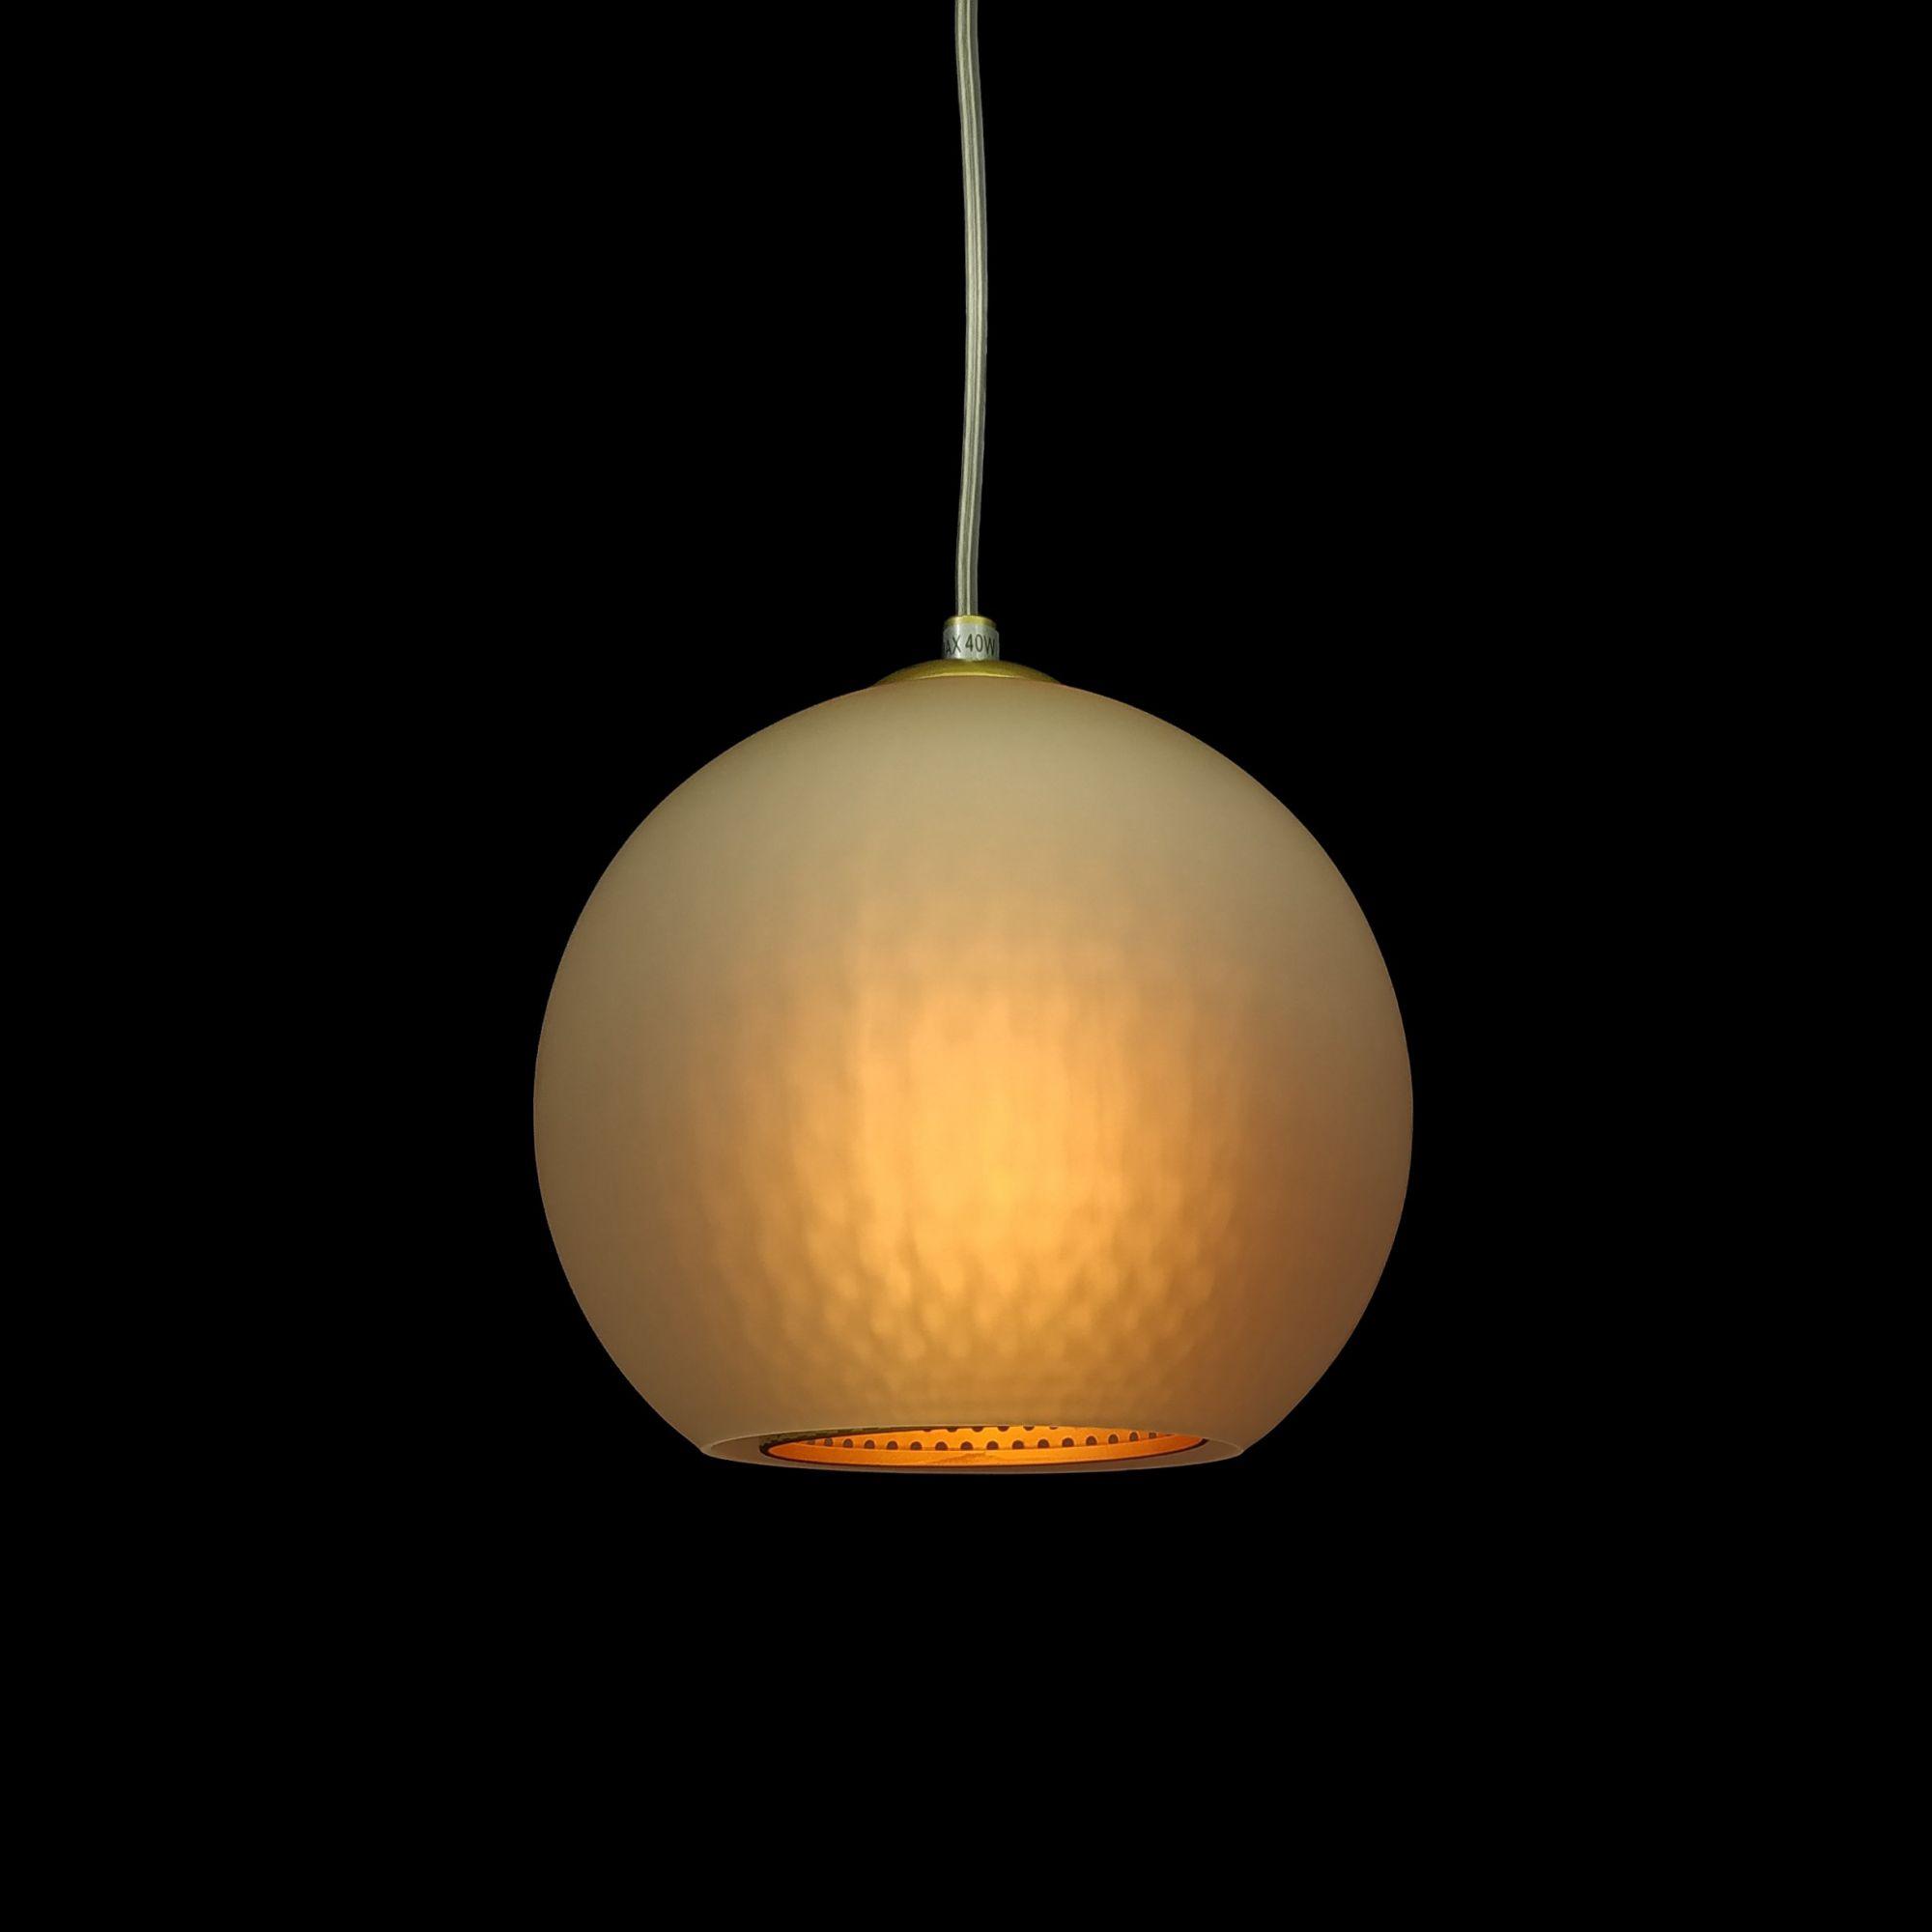 Pendente Bola Metal Dourado e Vidro Transparente 1E27 20X20CM 7378 Mart